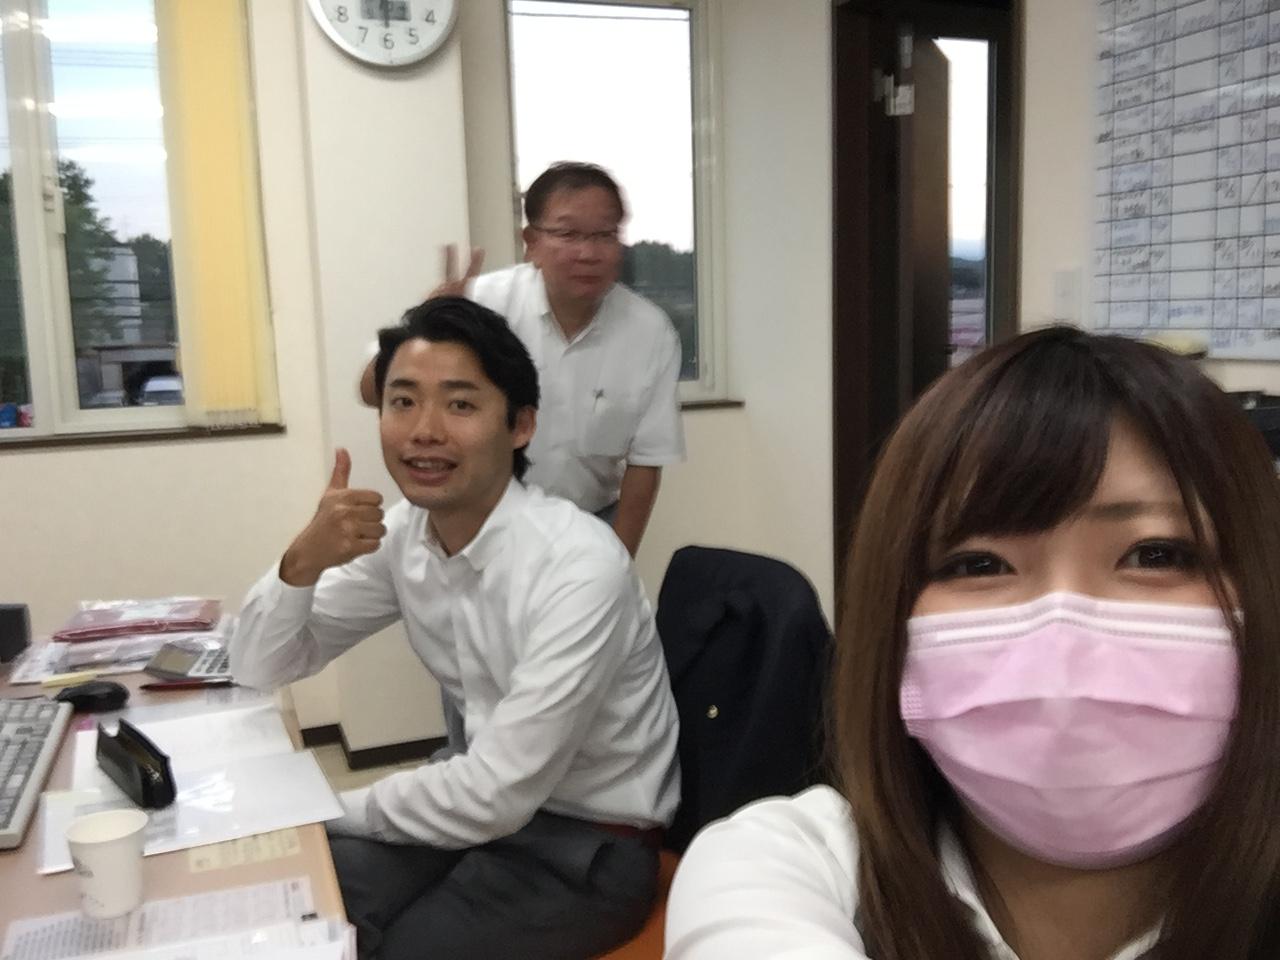 9月2日 土曜日のひとログ!秋のお出かけに♬好評TOMMYレンタカー♬_b0127002_18133124.jpg